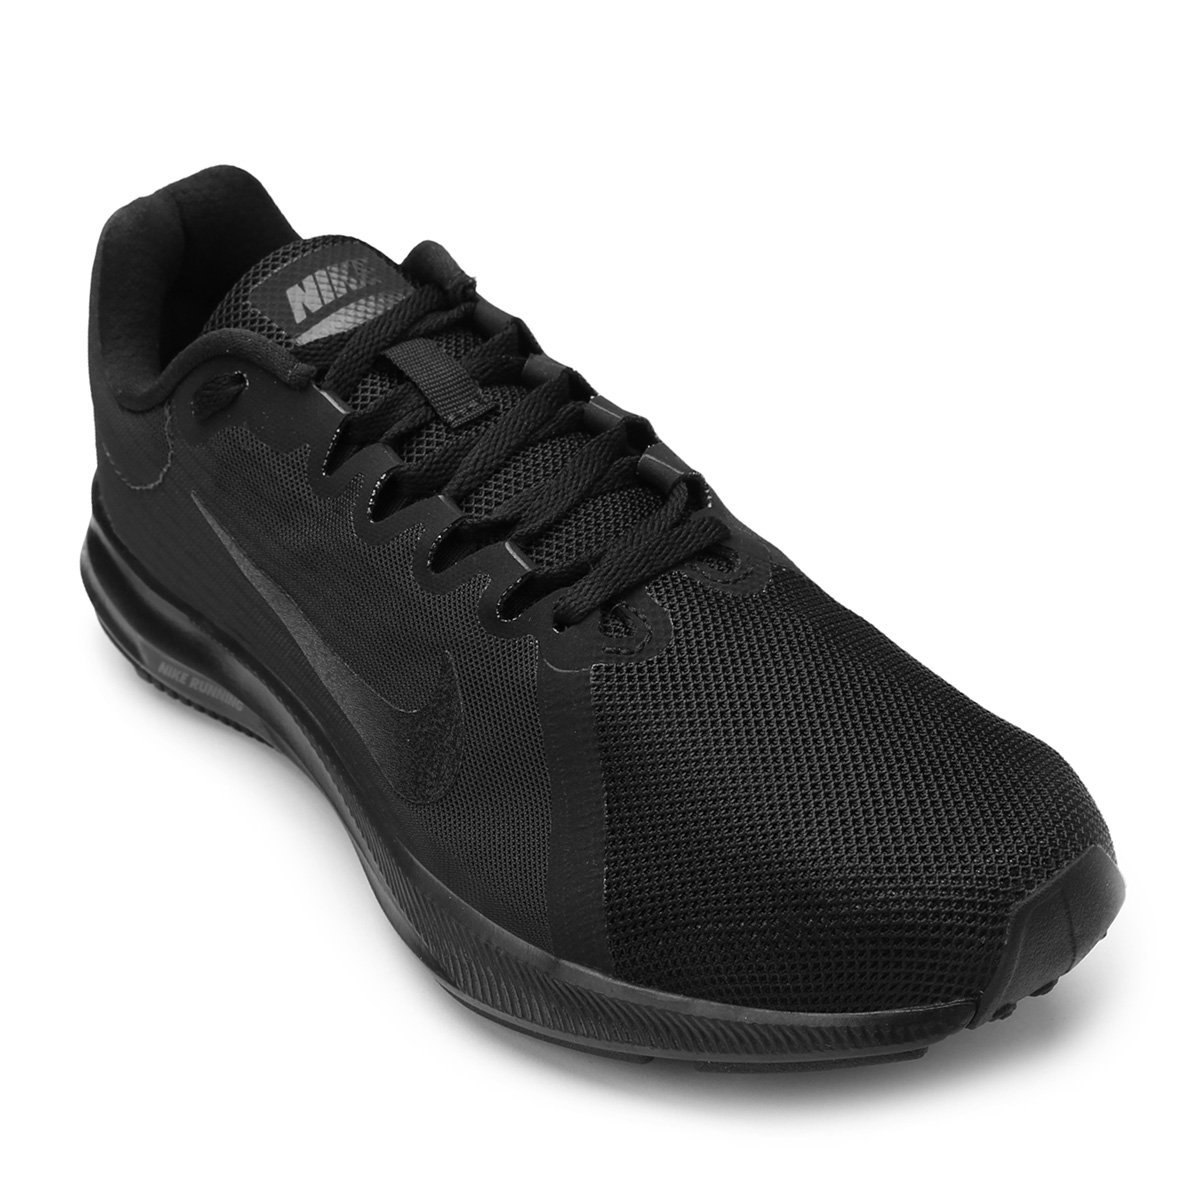 a58075d2e0 Tênis Nike Wmns Downshifter 8 Feminino - Preto - Compre Agora